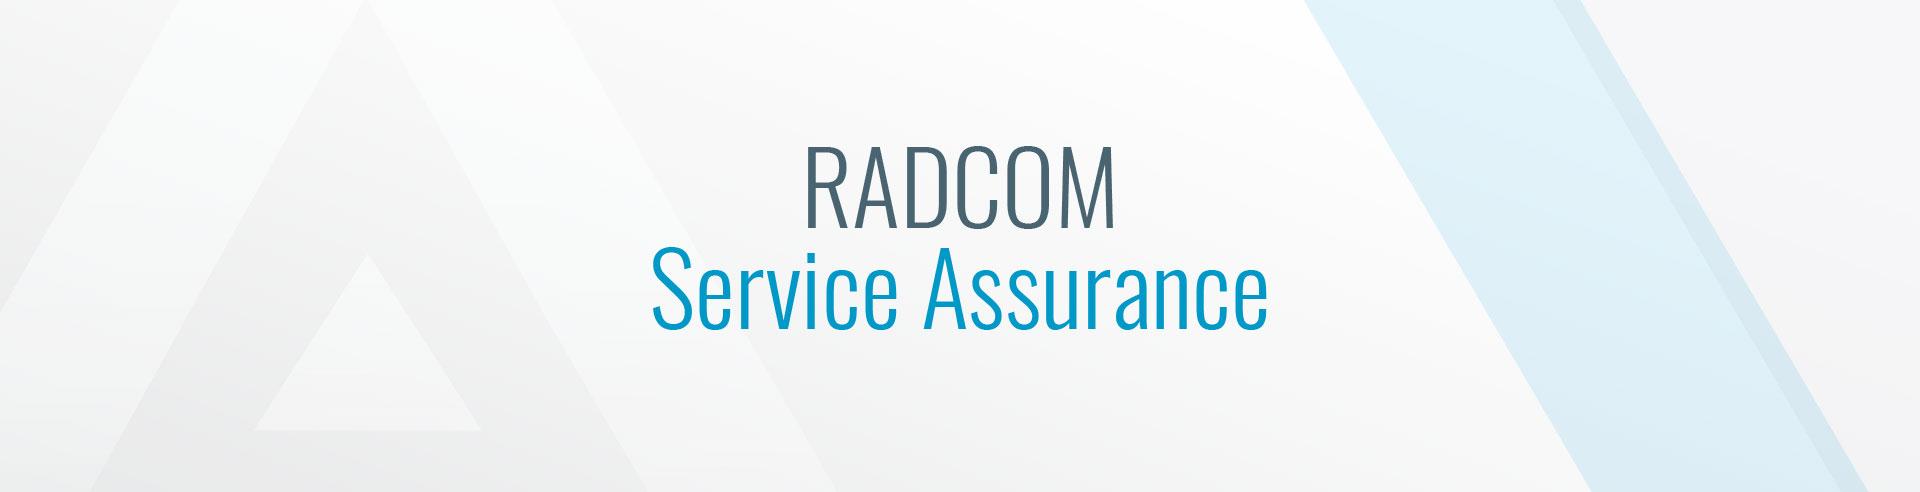 RADCOM Service Assurance